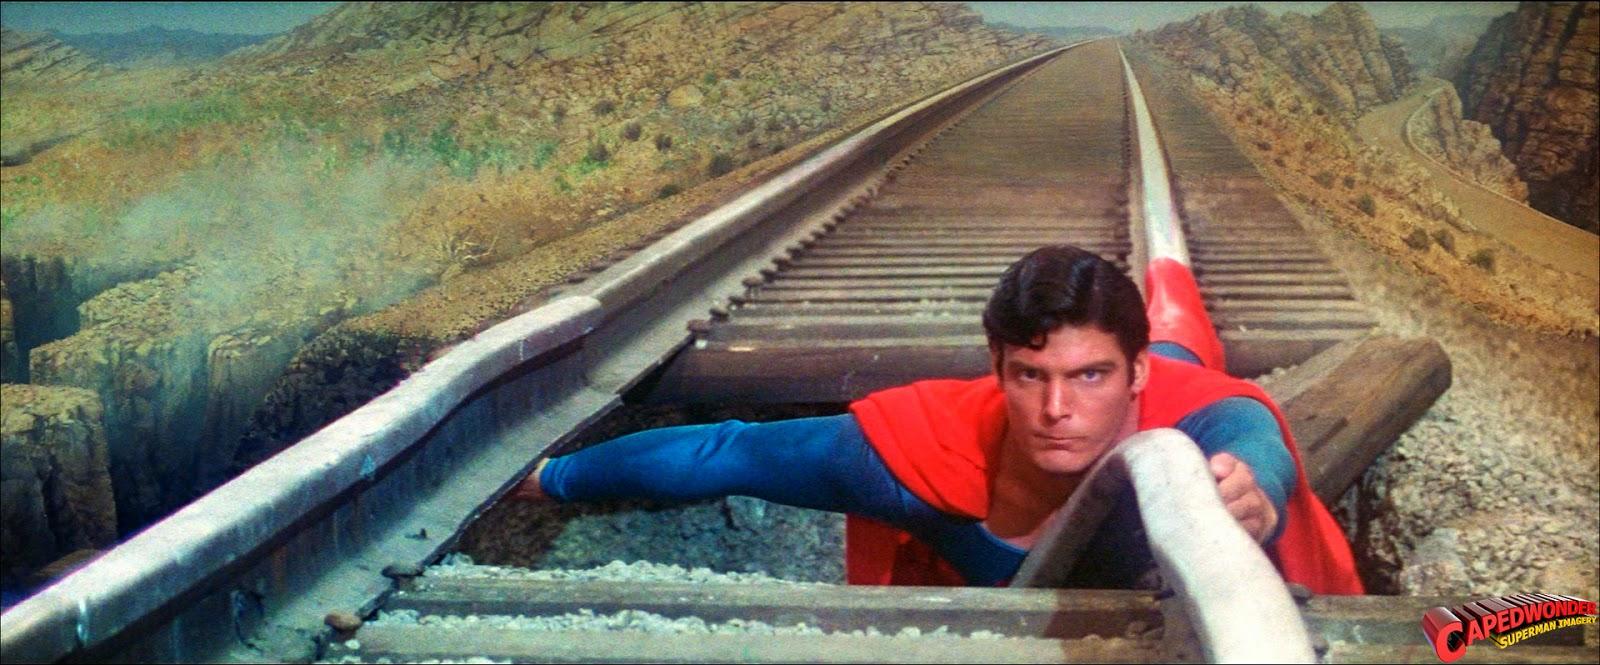 Superman-on_the_tracks-03